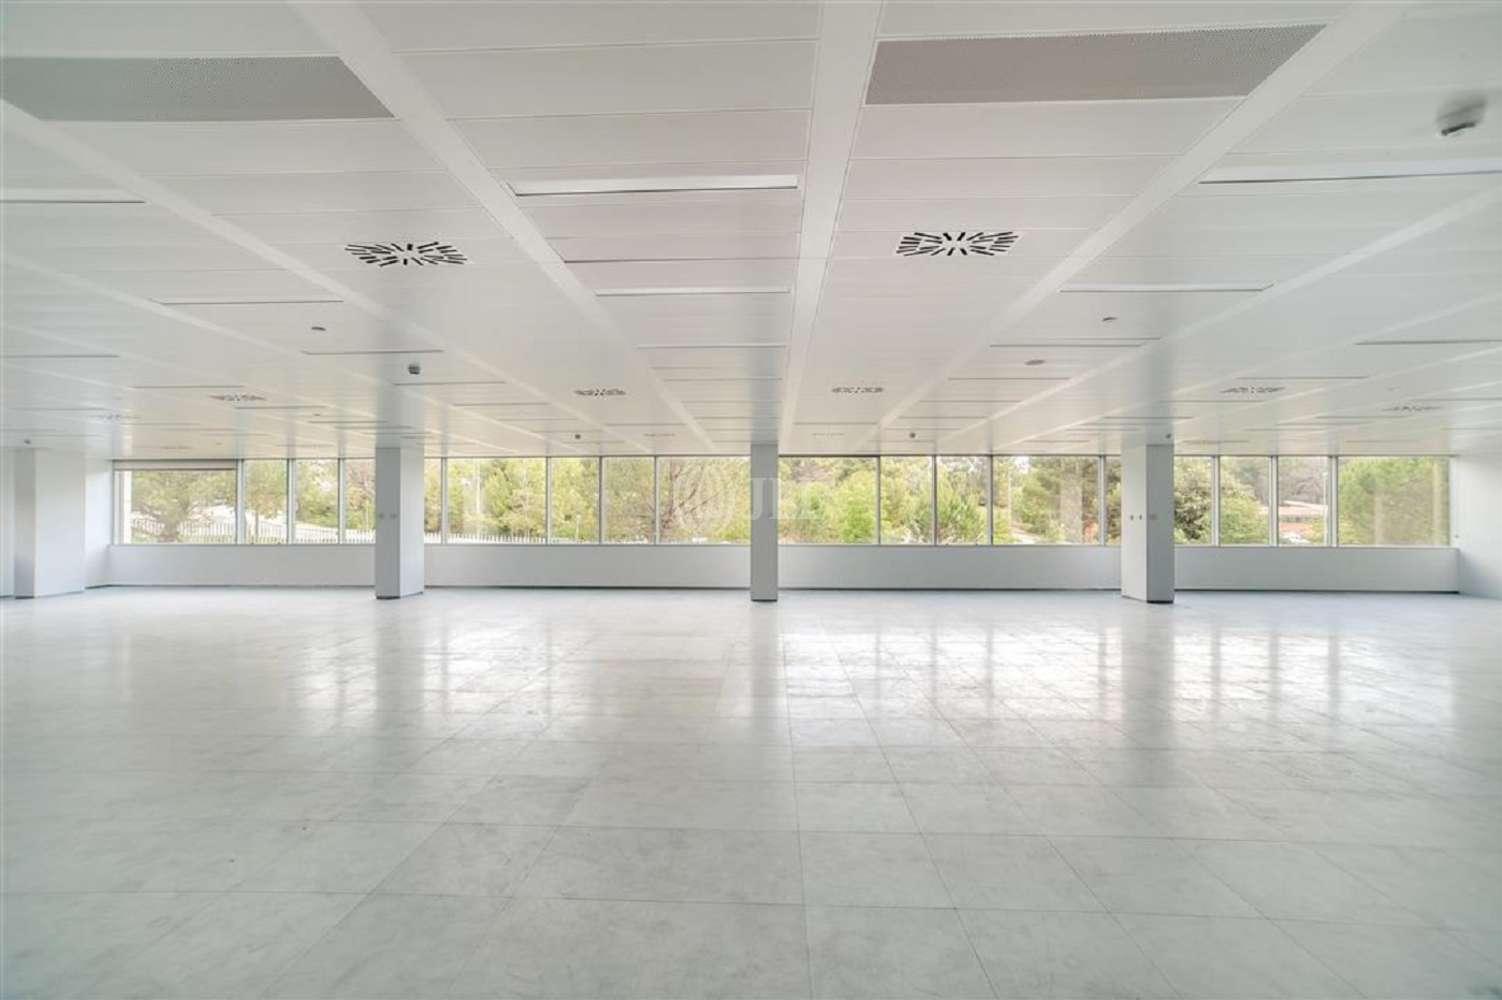 Oficina Sant cugat del vallès, 08174 - SANT CUGAT NORD - Edifici A - 18015